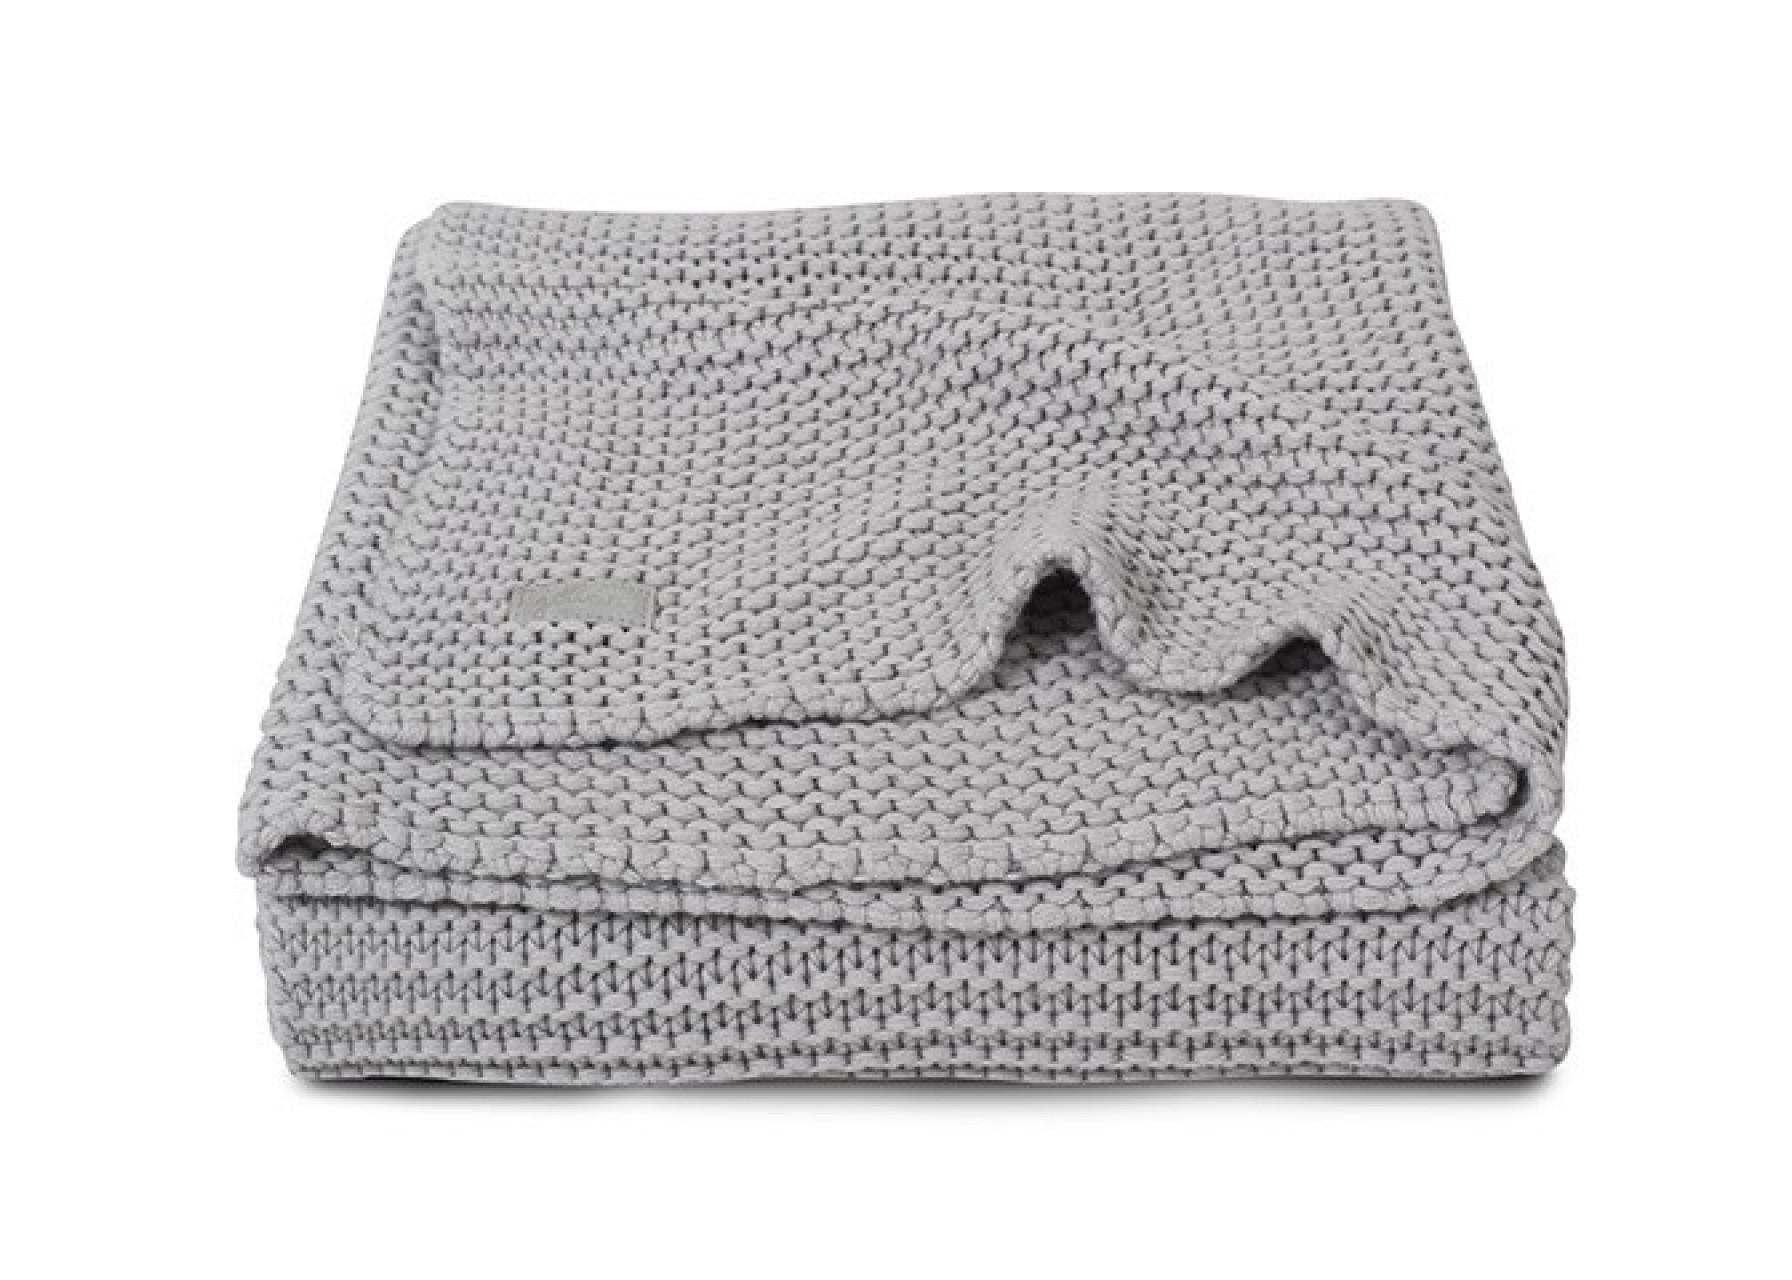 Πλεκτή κουβέρτα / Ανοιχτό γκρι